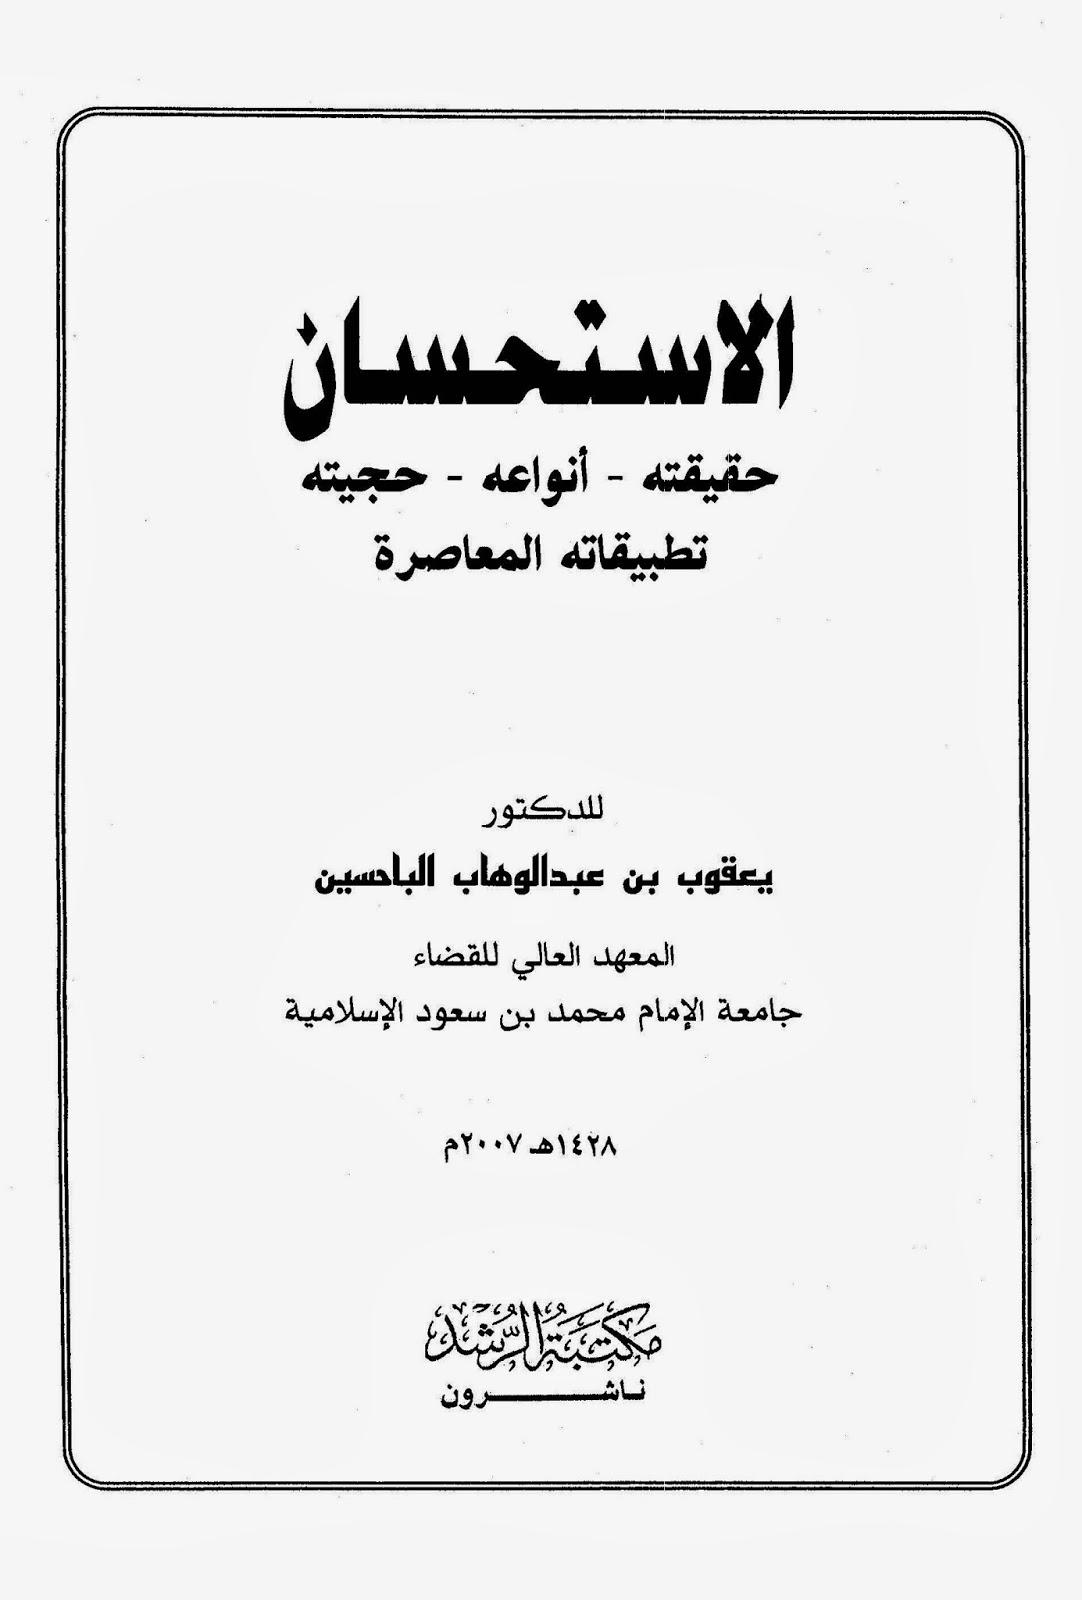 الاستحسان: حقيقته، أنواعه، حجيته، تطبيقاته المعاصرة - يعقوب الباحسين pdf